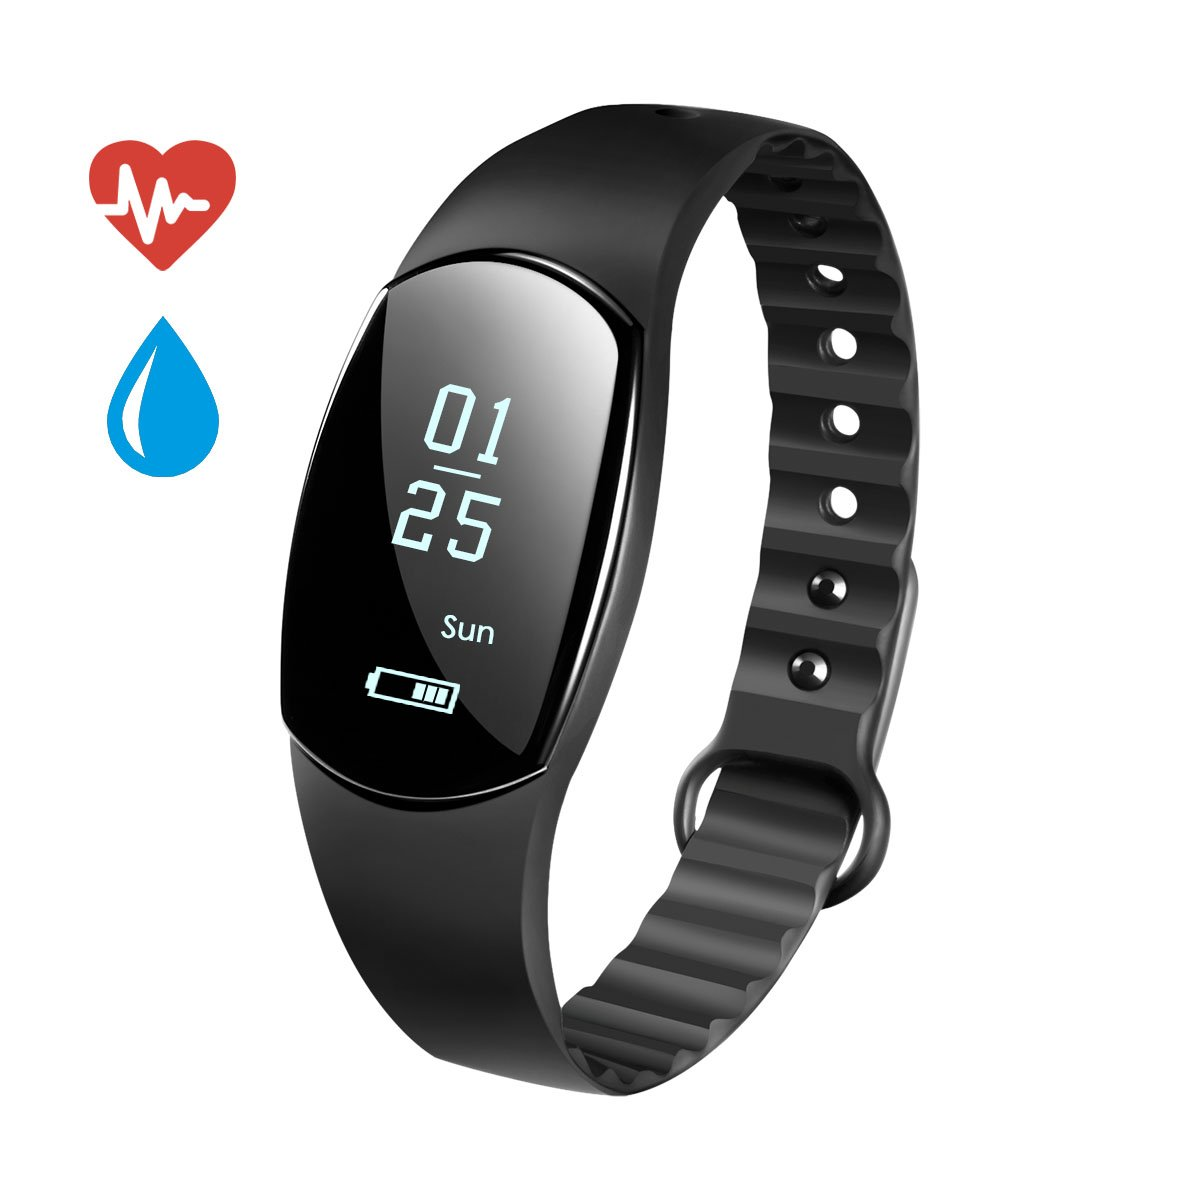 Fitness Tracker robotsdeal Heart Rate Monitor Tracker pulsera inteligente actividad rastreador Bluetooth